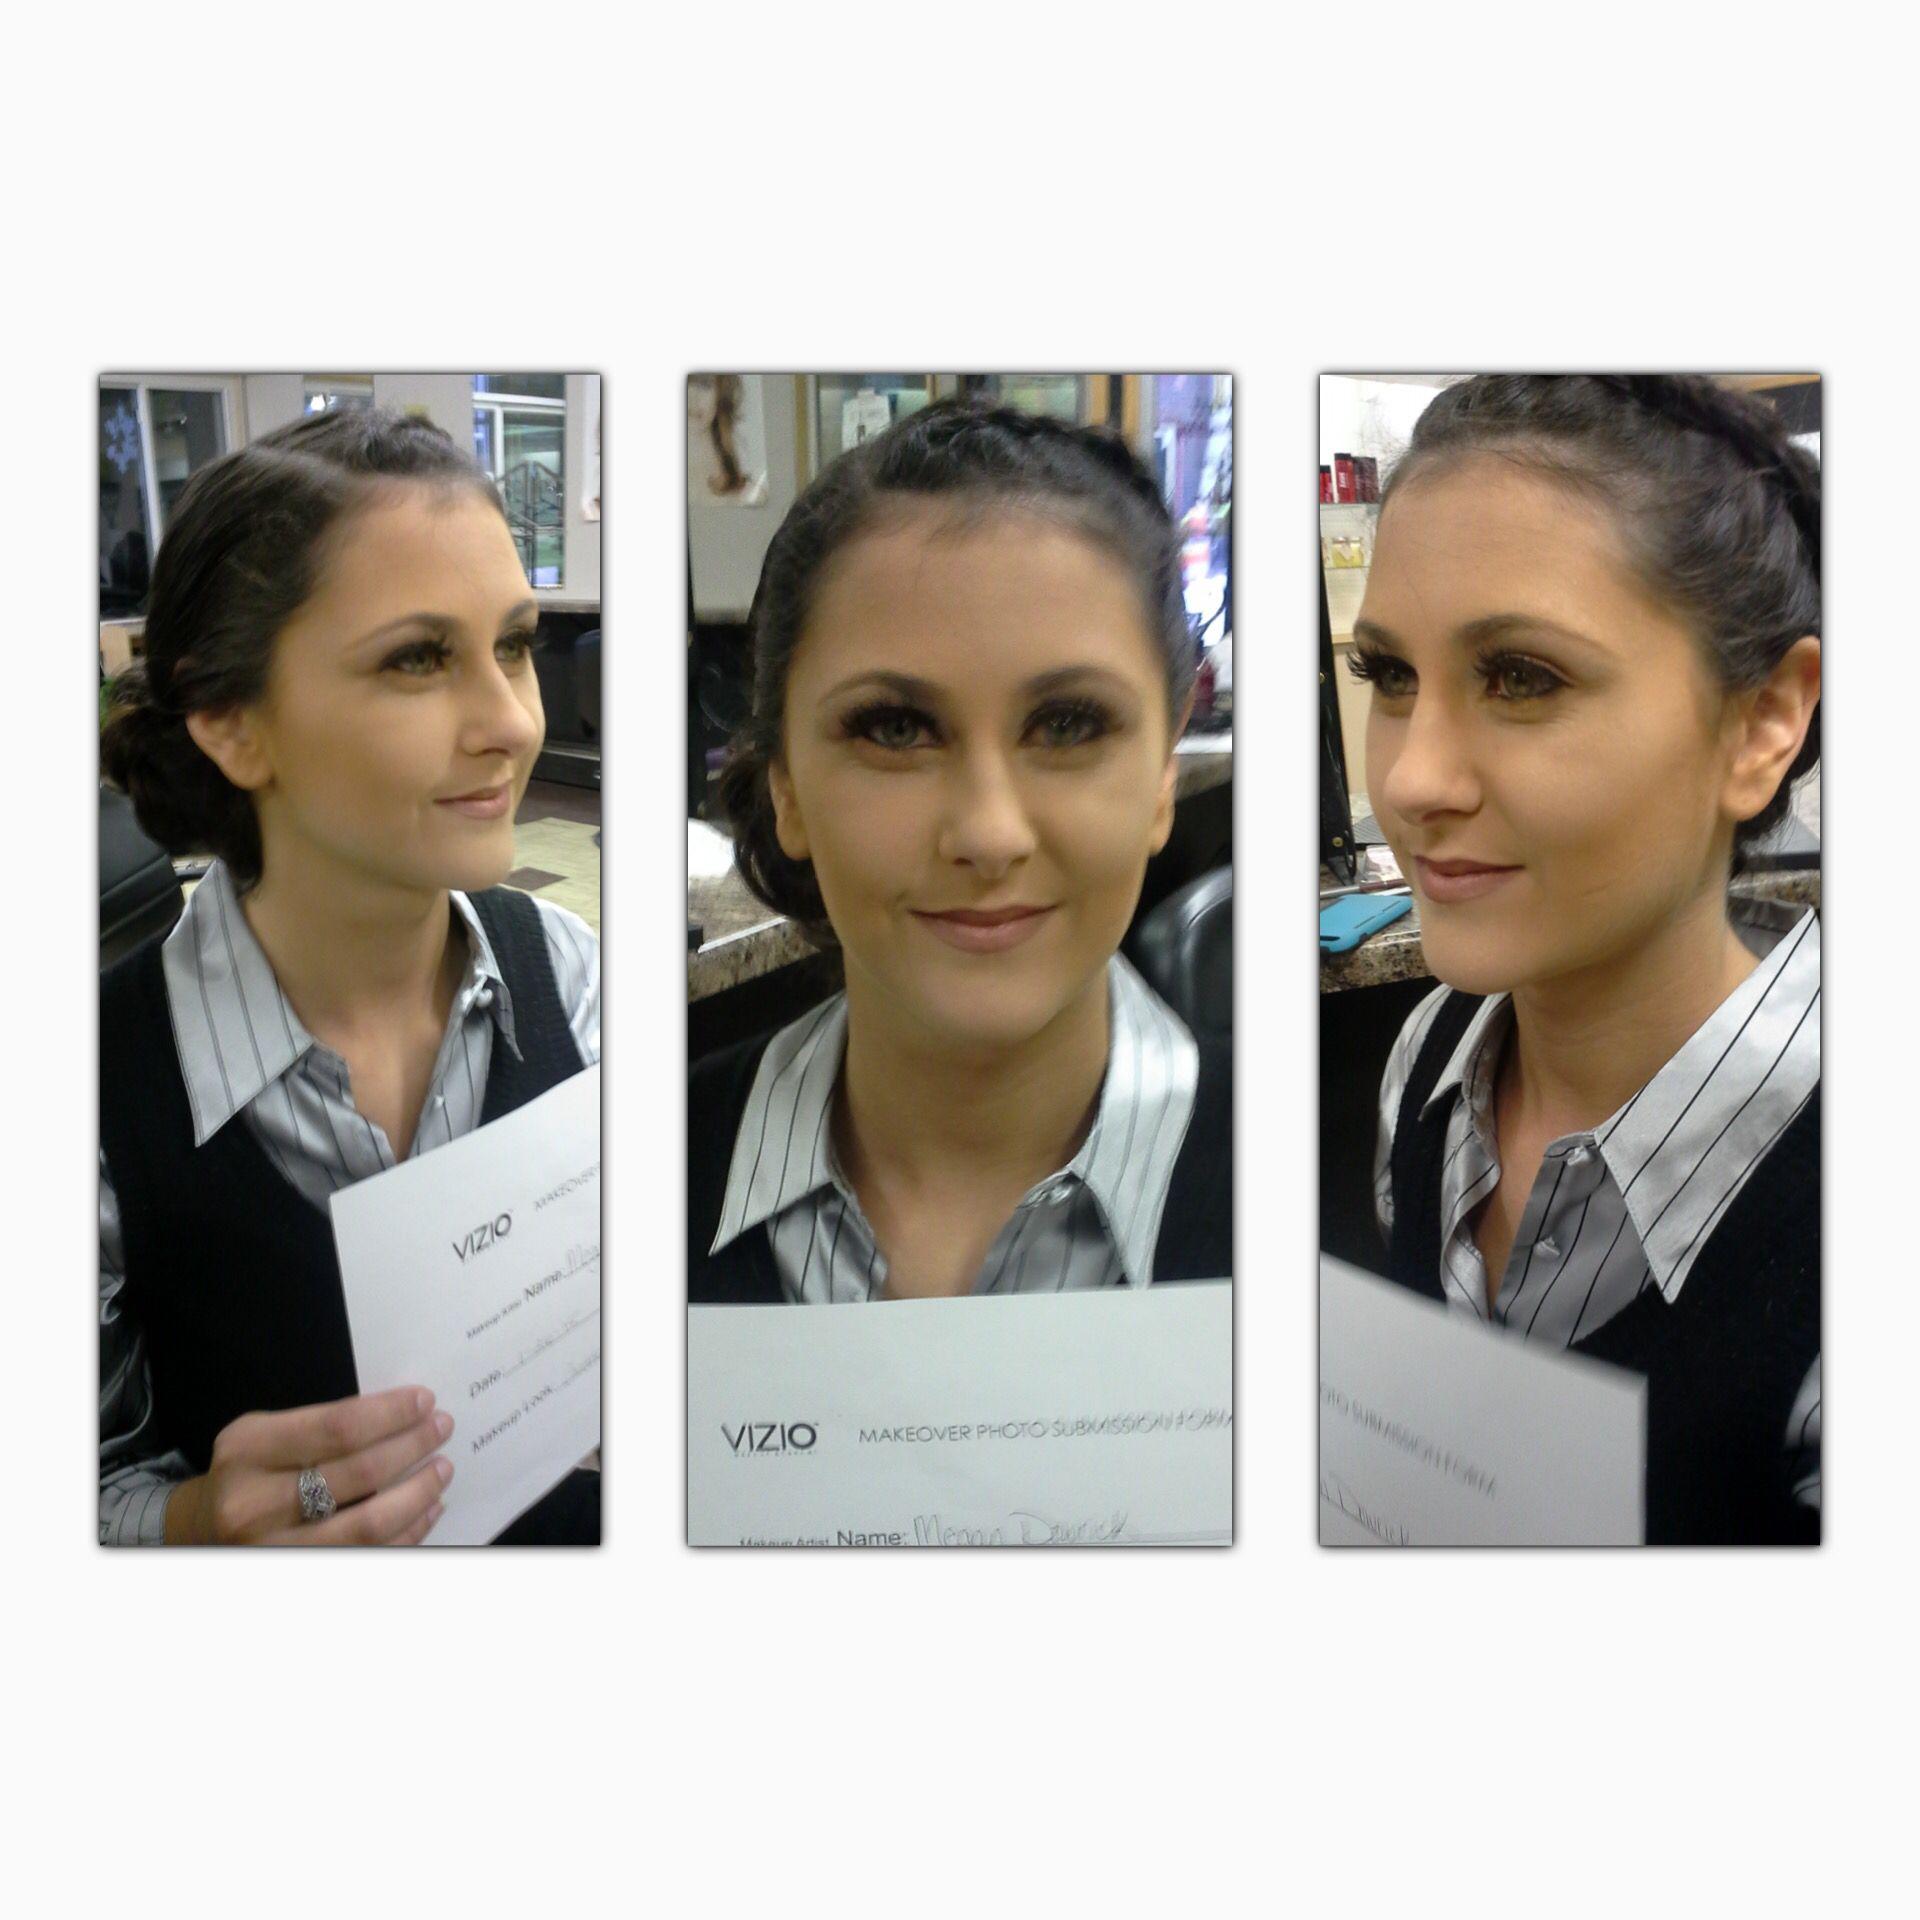 Megan Makeup Assignment Student, Vizio, Makeup